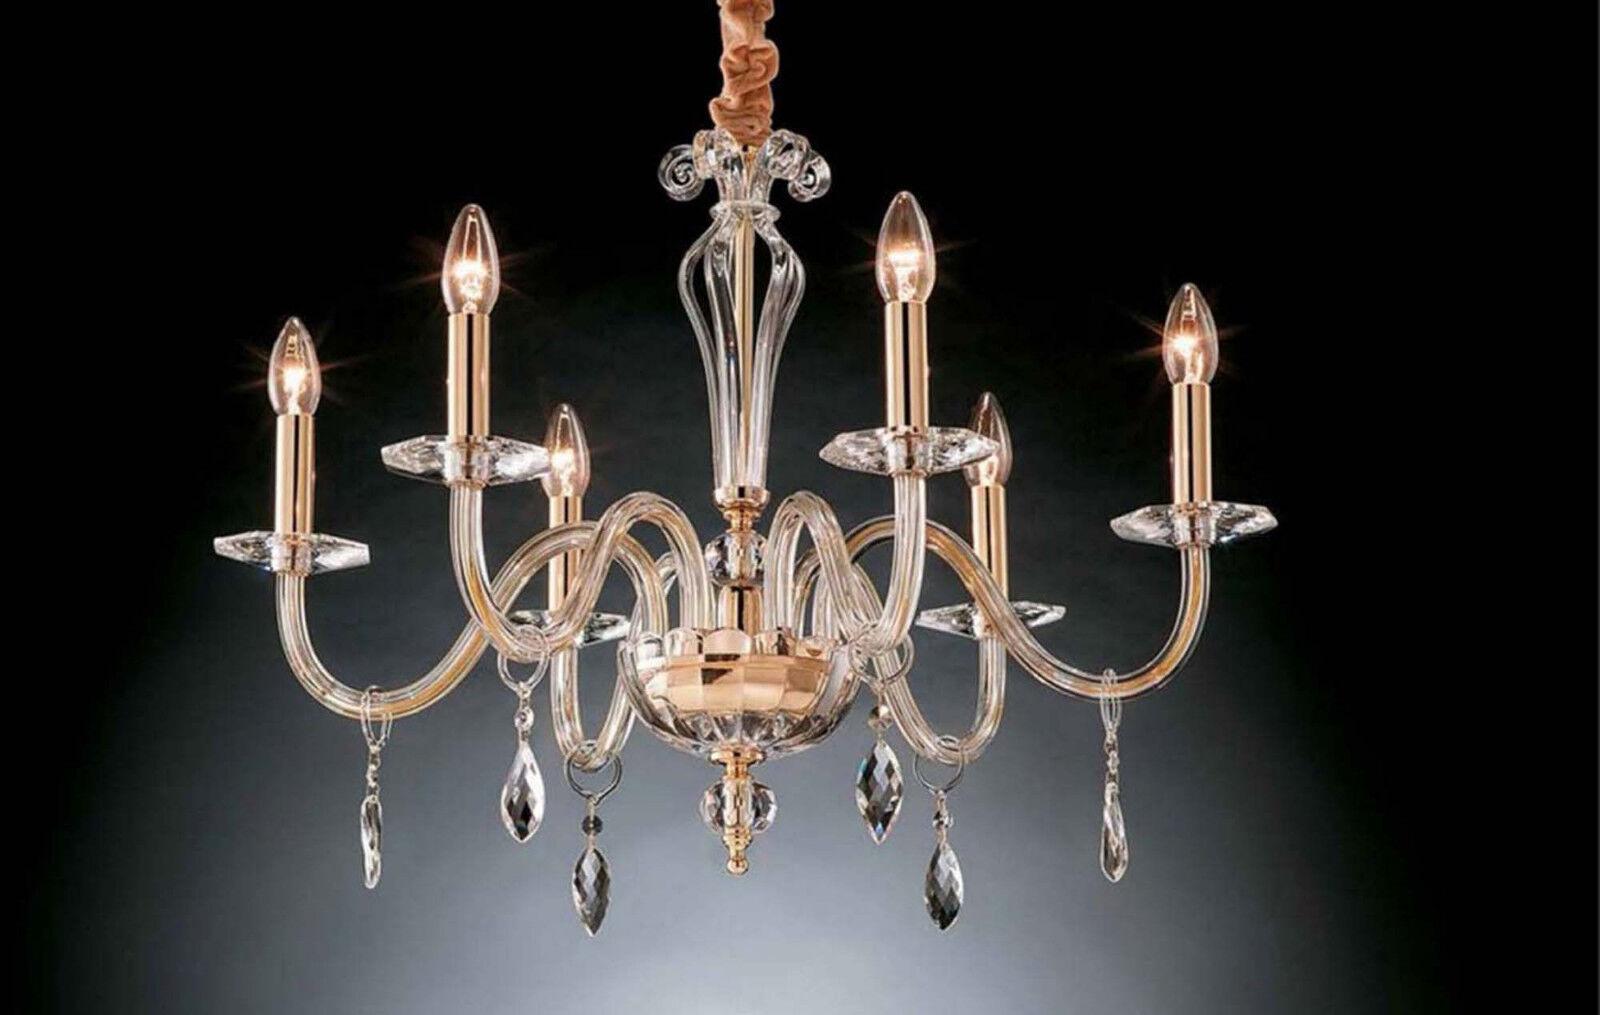 incredibili sconti Lampadario in cristallo oro classico 6 luci Design Swarovsky Swarovsky Swarovsky Dany  una marca di lusso